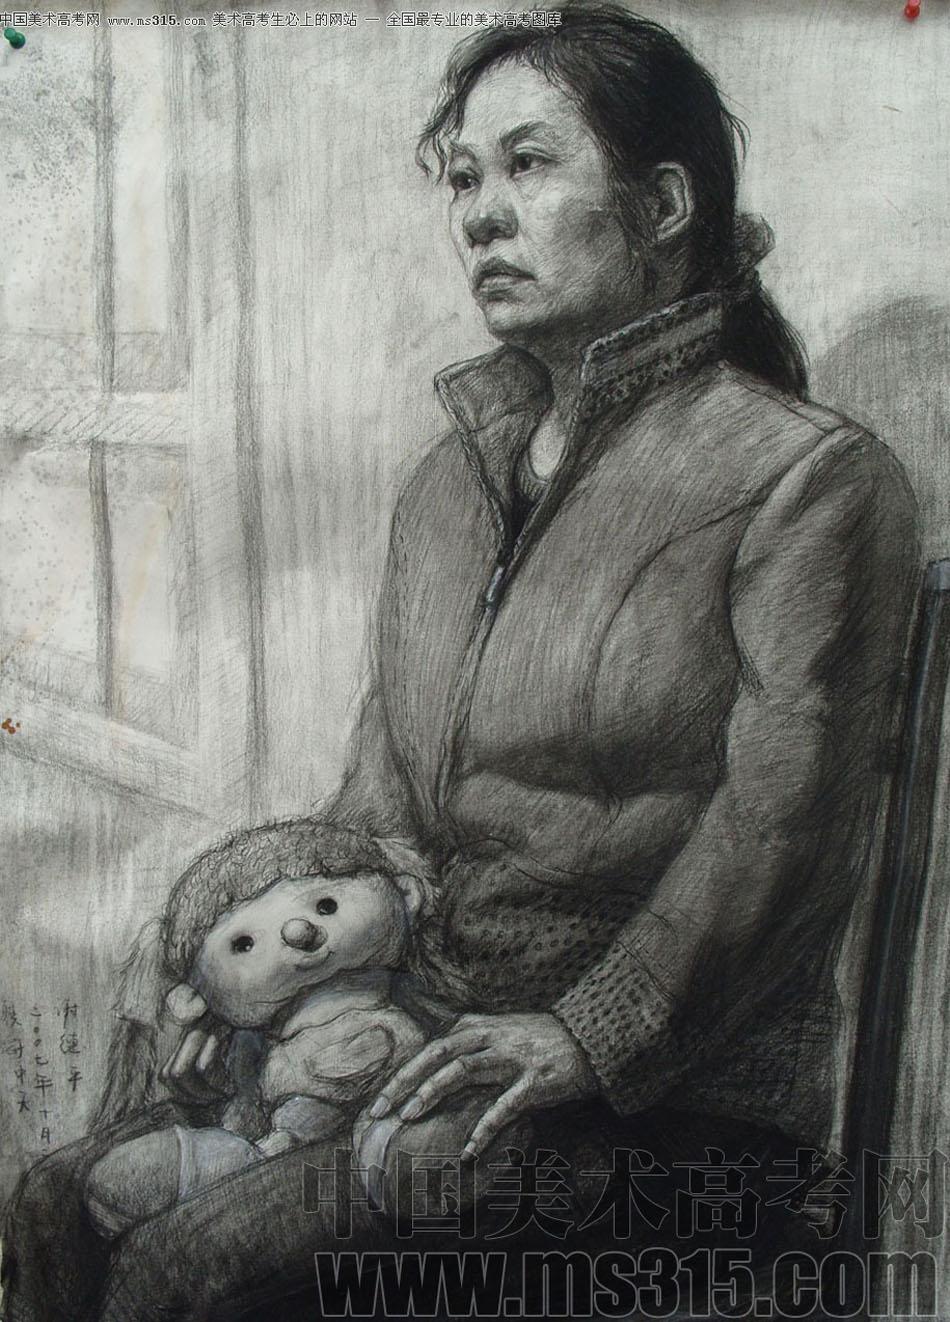 北京京美画室投稿作品6(素描半身像)